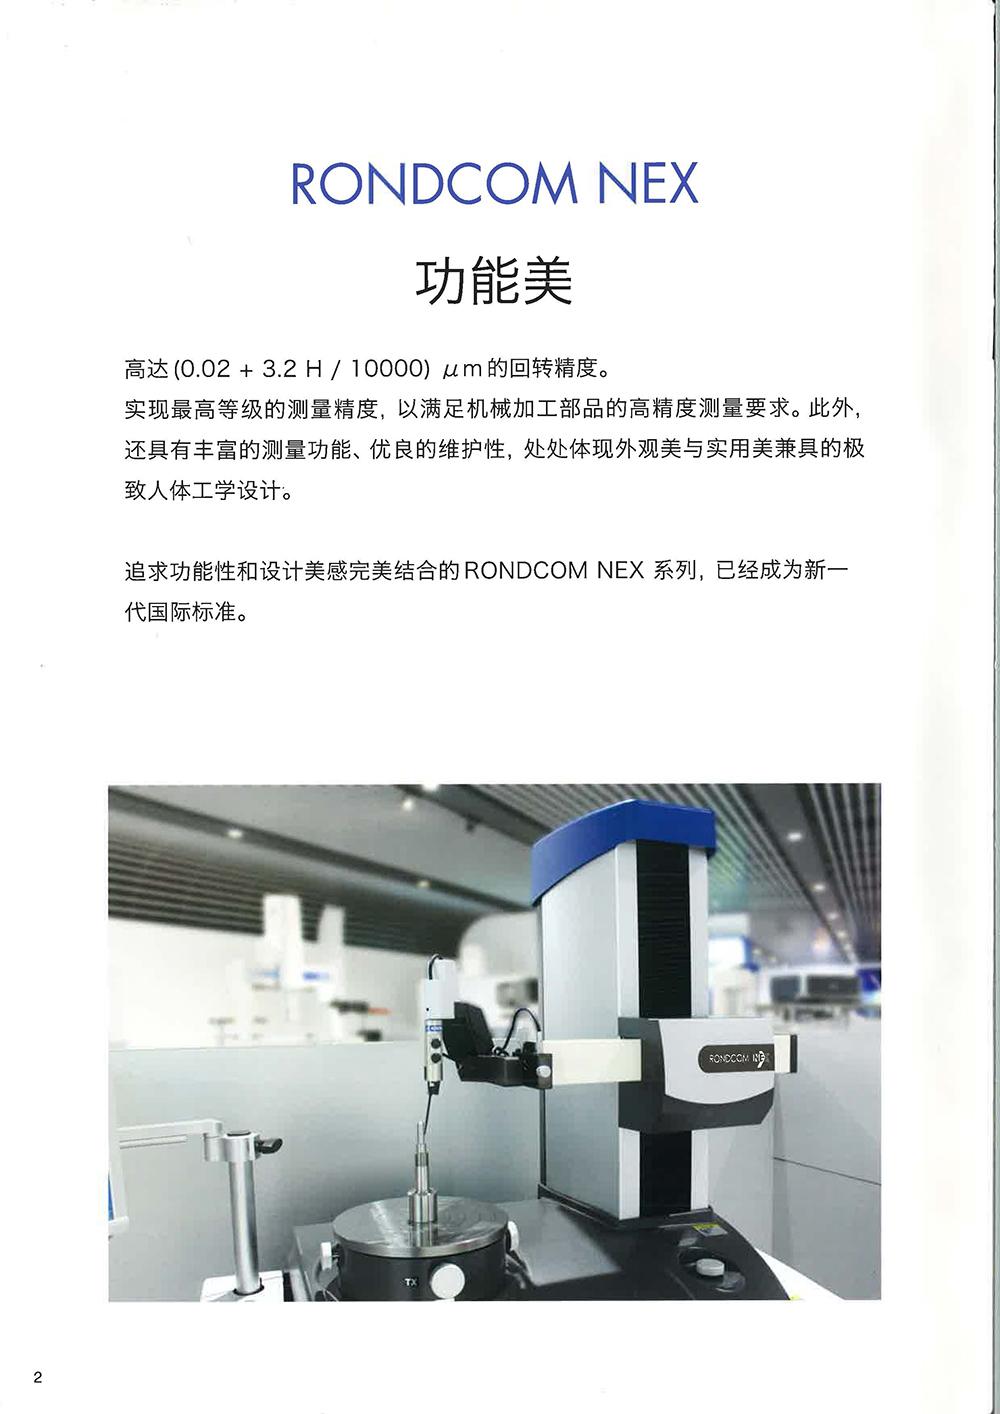 头上插刀_ACCRETECH东京精密 RONDCOM NEX系列 - 中汇装备 装备中国 - 中汇装备 ...